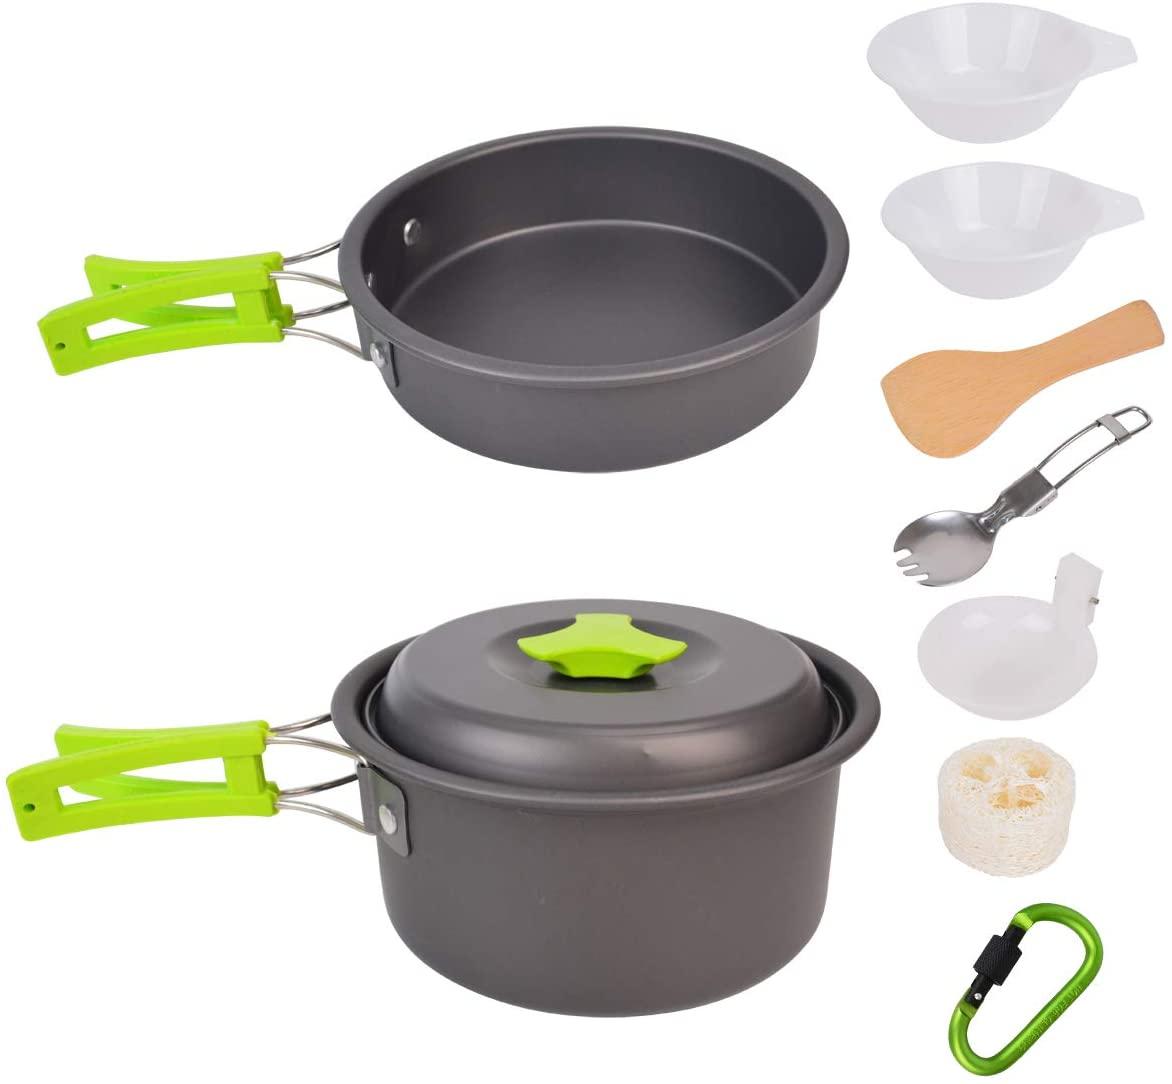 Baitaihem Camping Cookware Set Outdoor Hiking Picnic Pot Fry Pan Kit